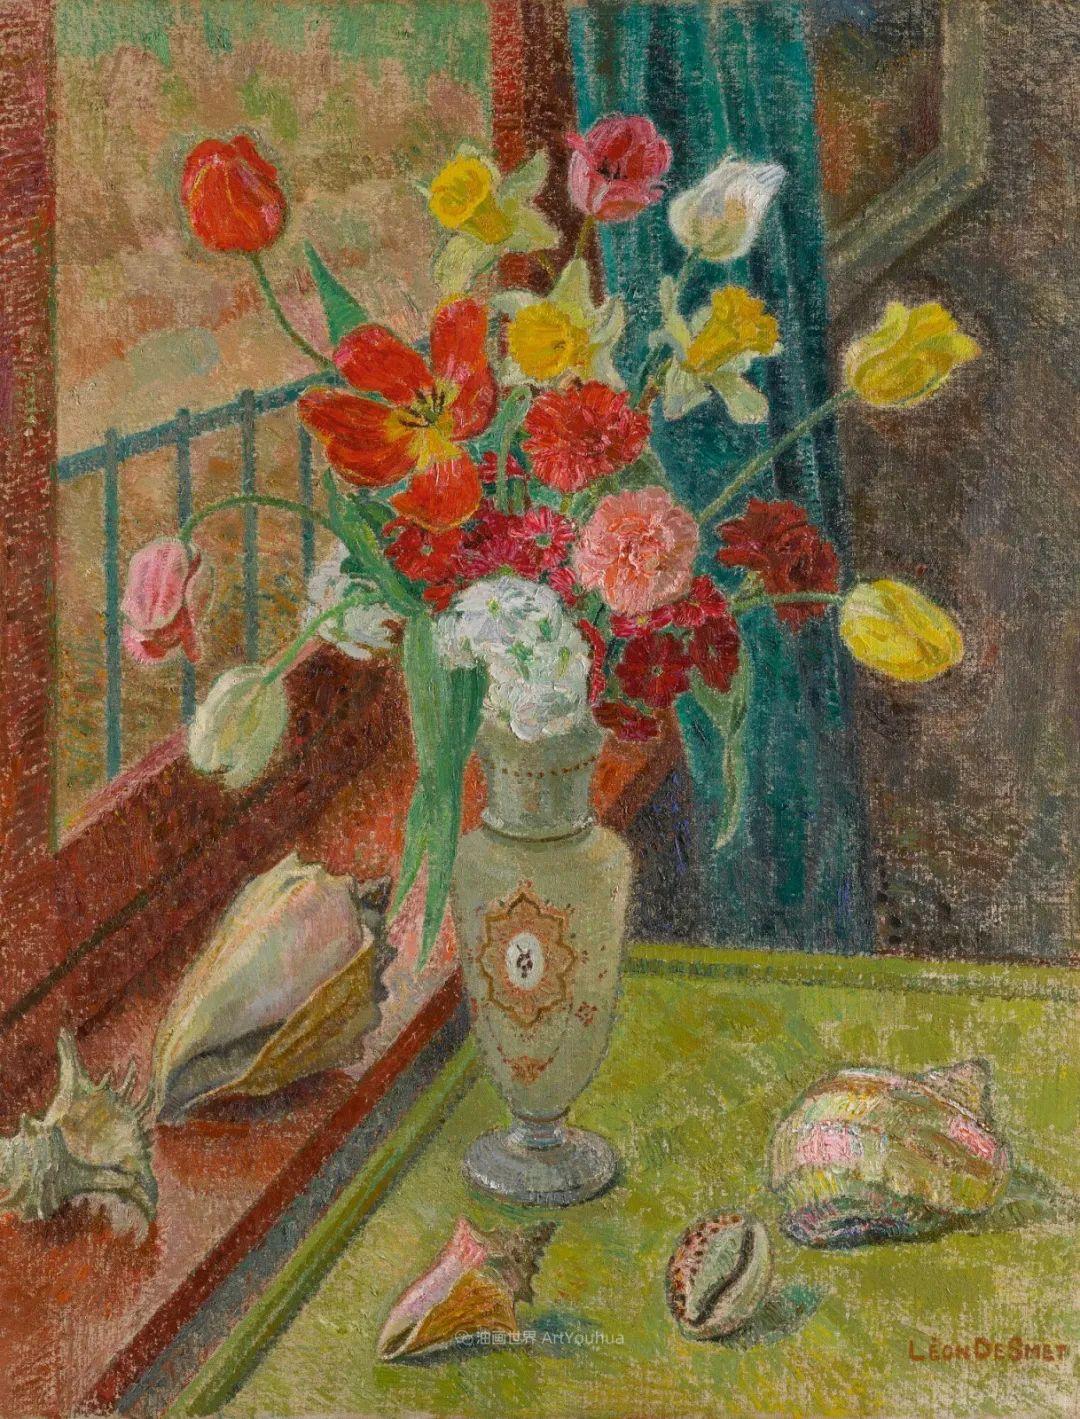 比利时画家 Léon de Smet  莱昂·德·史密特  作品欣赏插图37